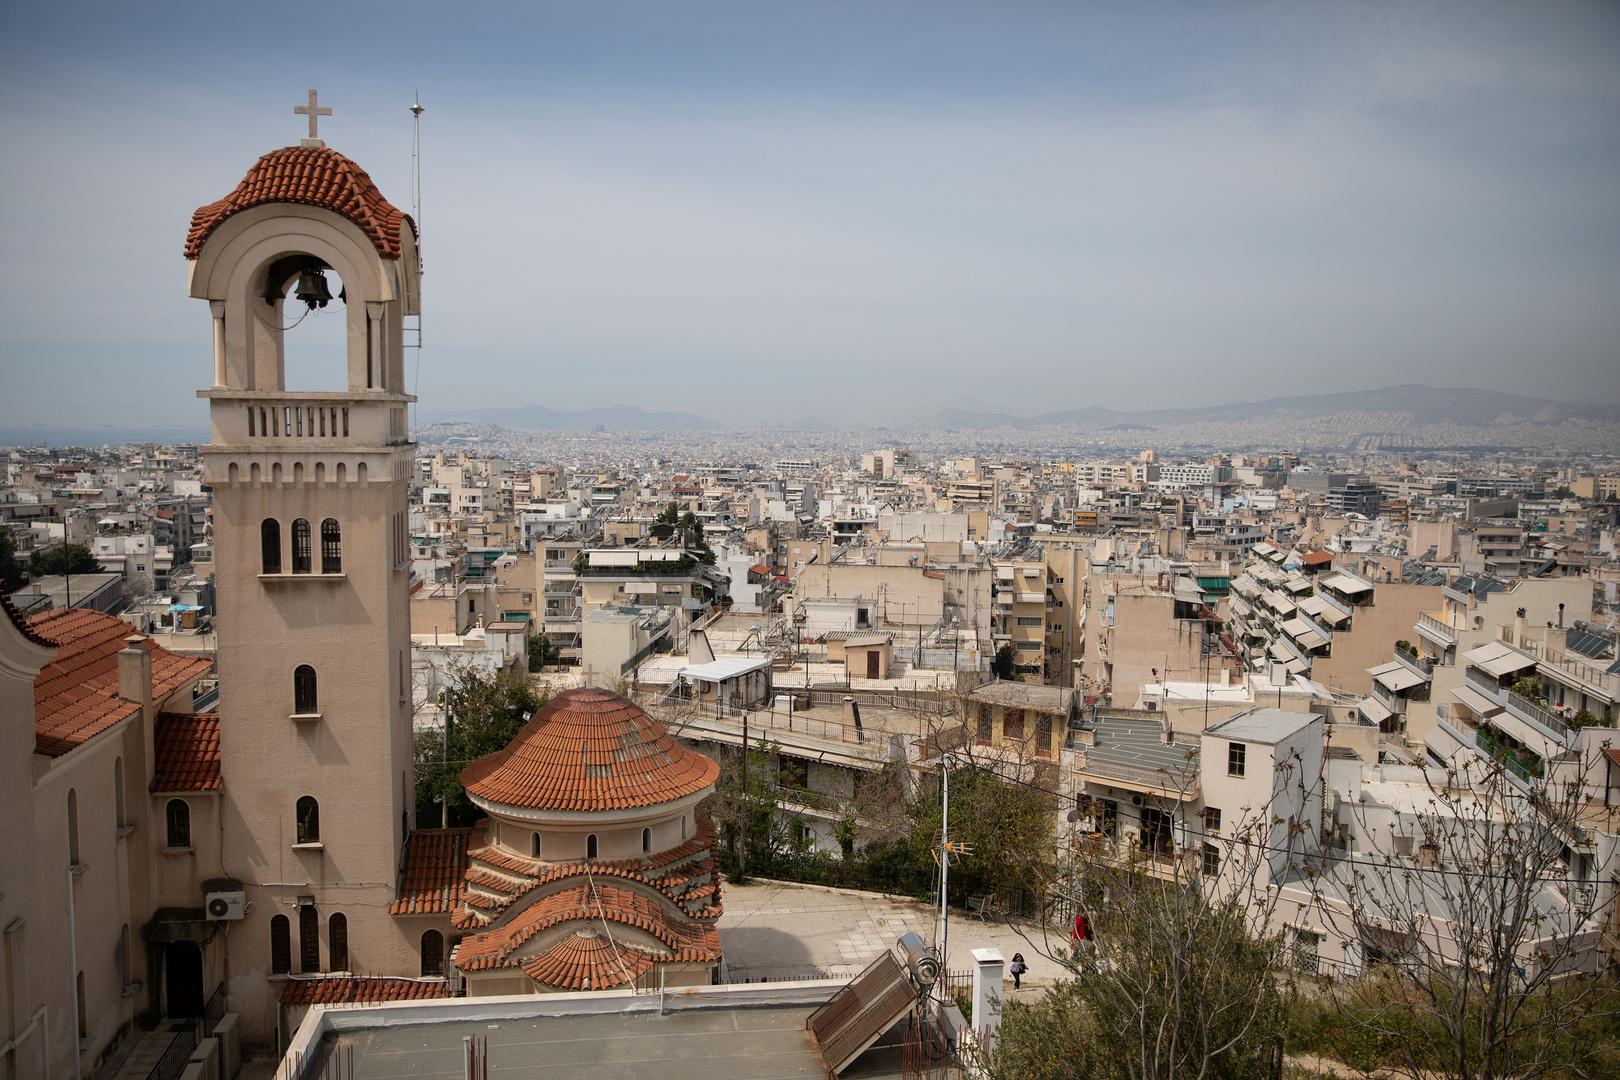 اليونان.. اتهام كاهن مجرد من صلاحياته بمهاجمة أساقفة بالأسيد